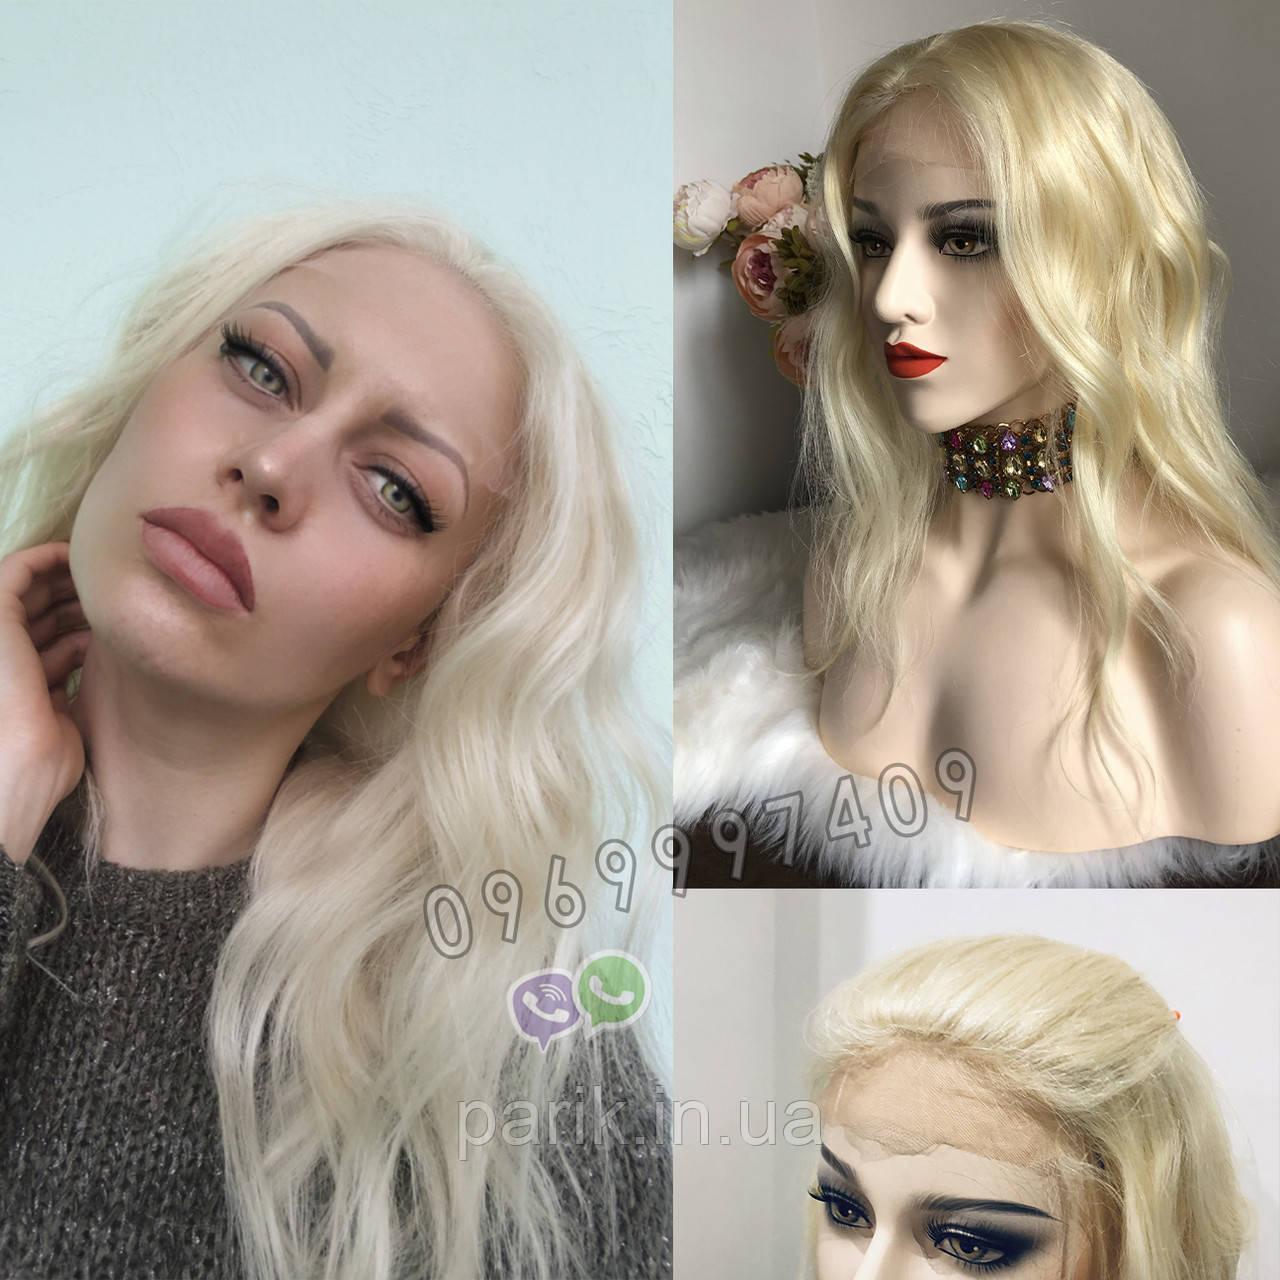 💎Натуральний жіночий парик баклажан з чубчиком, натуральний волосся 💎